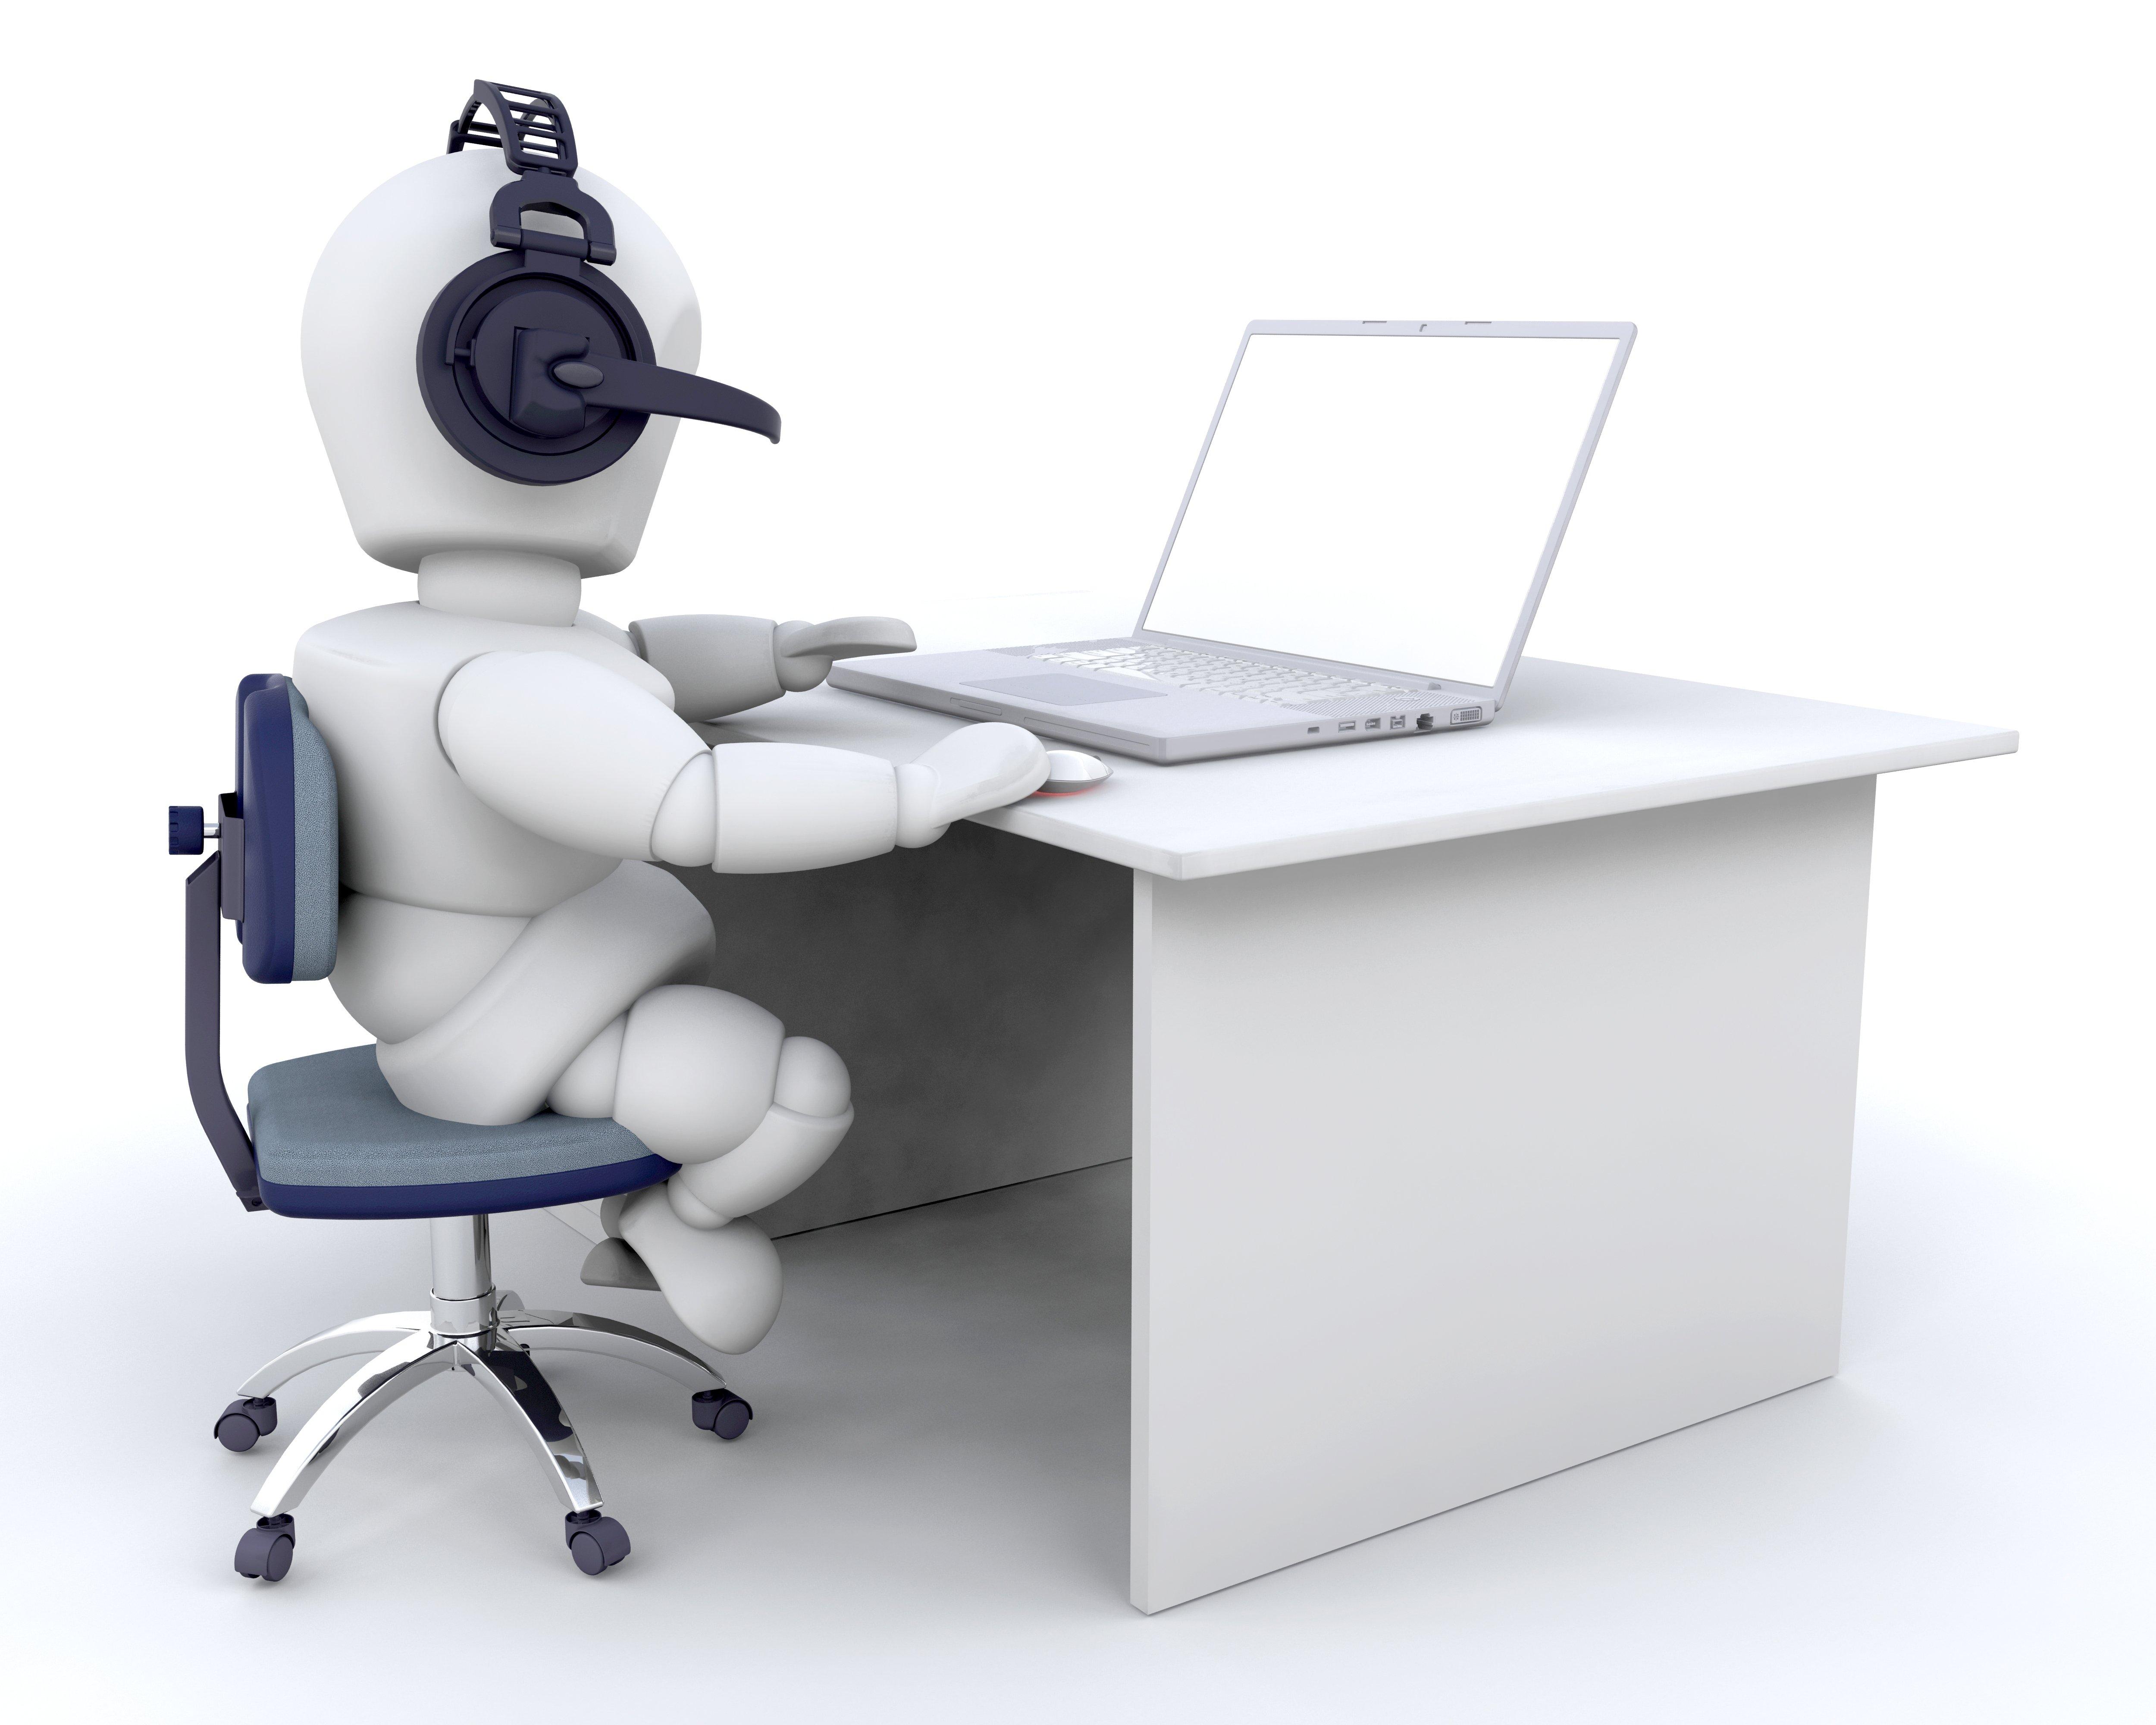 VoIP-la-solución-que-está-tomando-cada-vez-más-relevancia